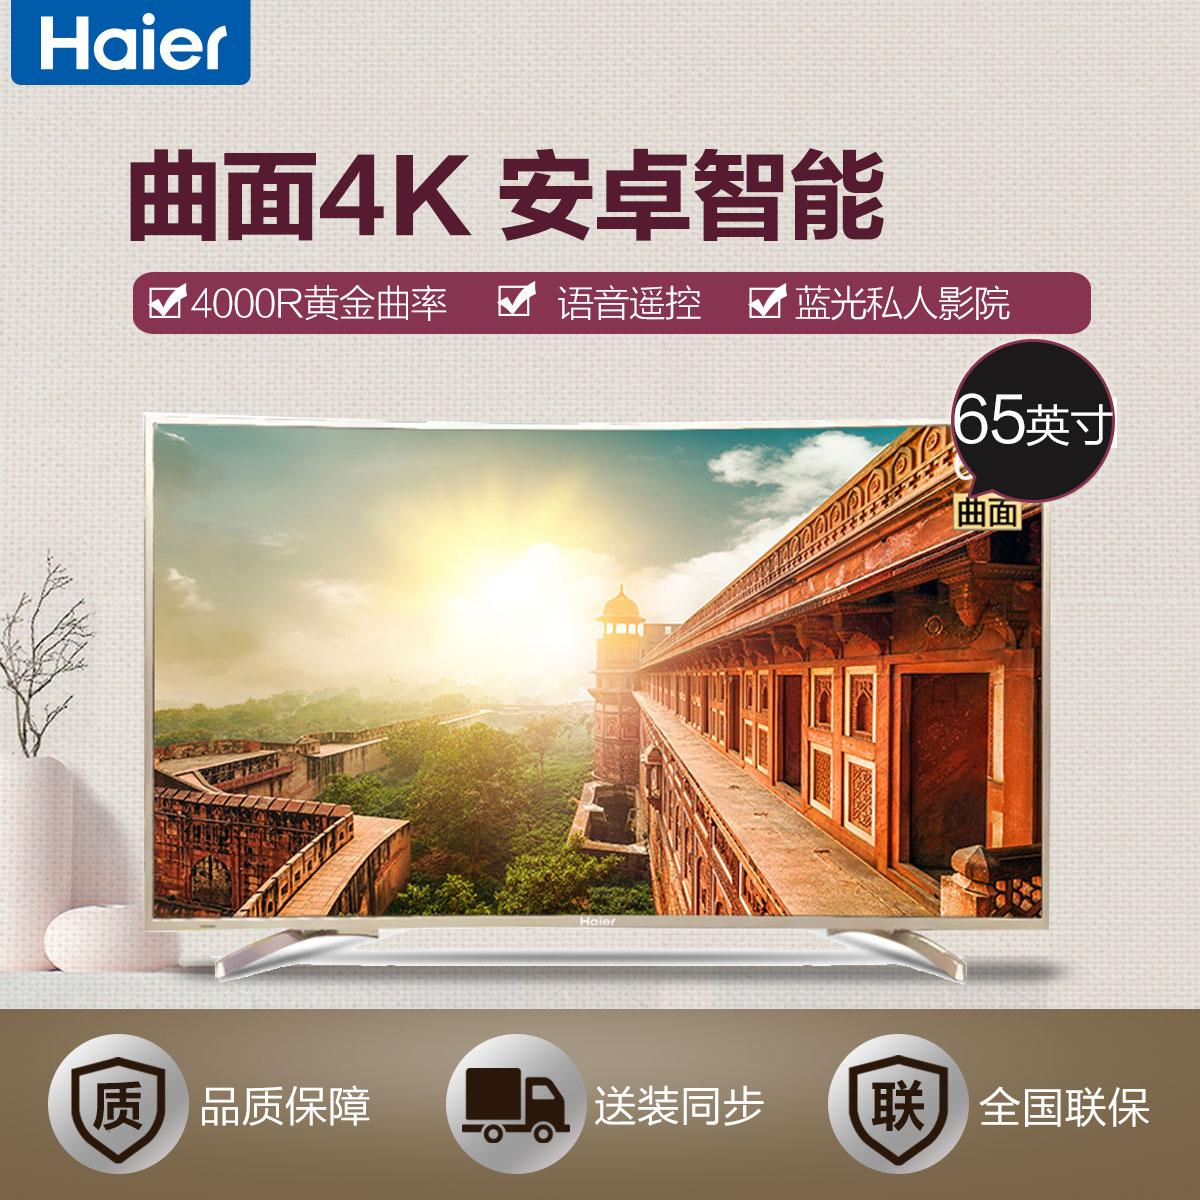 65吋曲面4K电视,高端金属外观,4000R黄金曲率,安卓智能系统,蓝牙连接,语音遥控,蓝光私人影院 LQ65S81